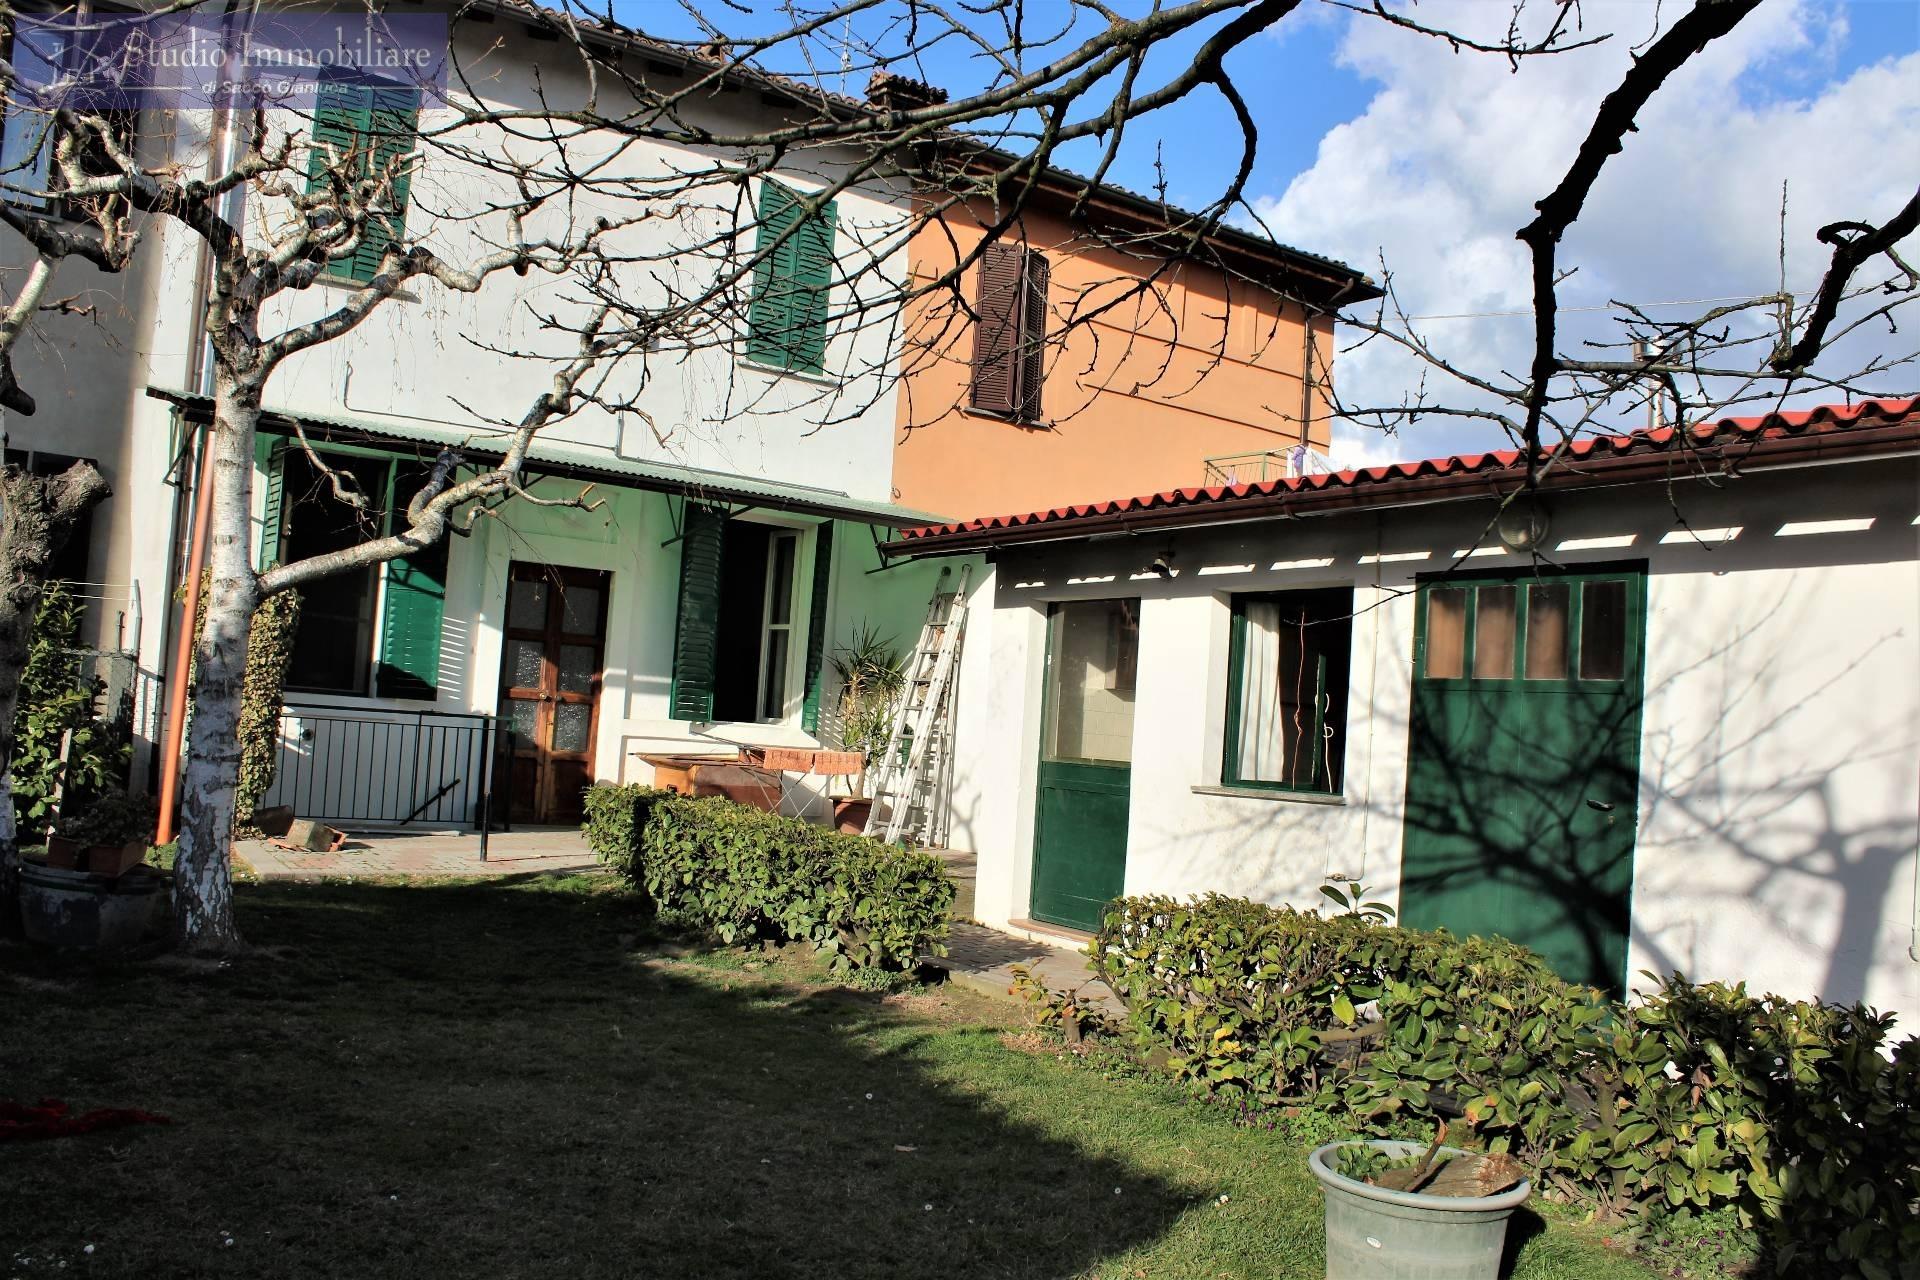 Villa cucina abitabile bressana bottarone in vendita waa2 for Casa di 700 metri quadrati in vendita